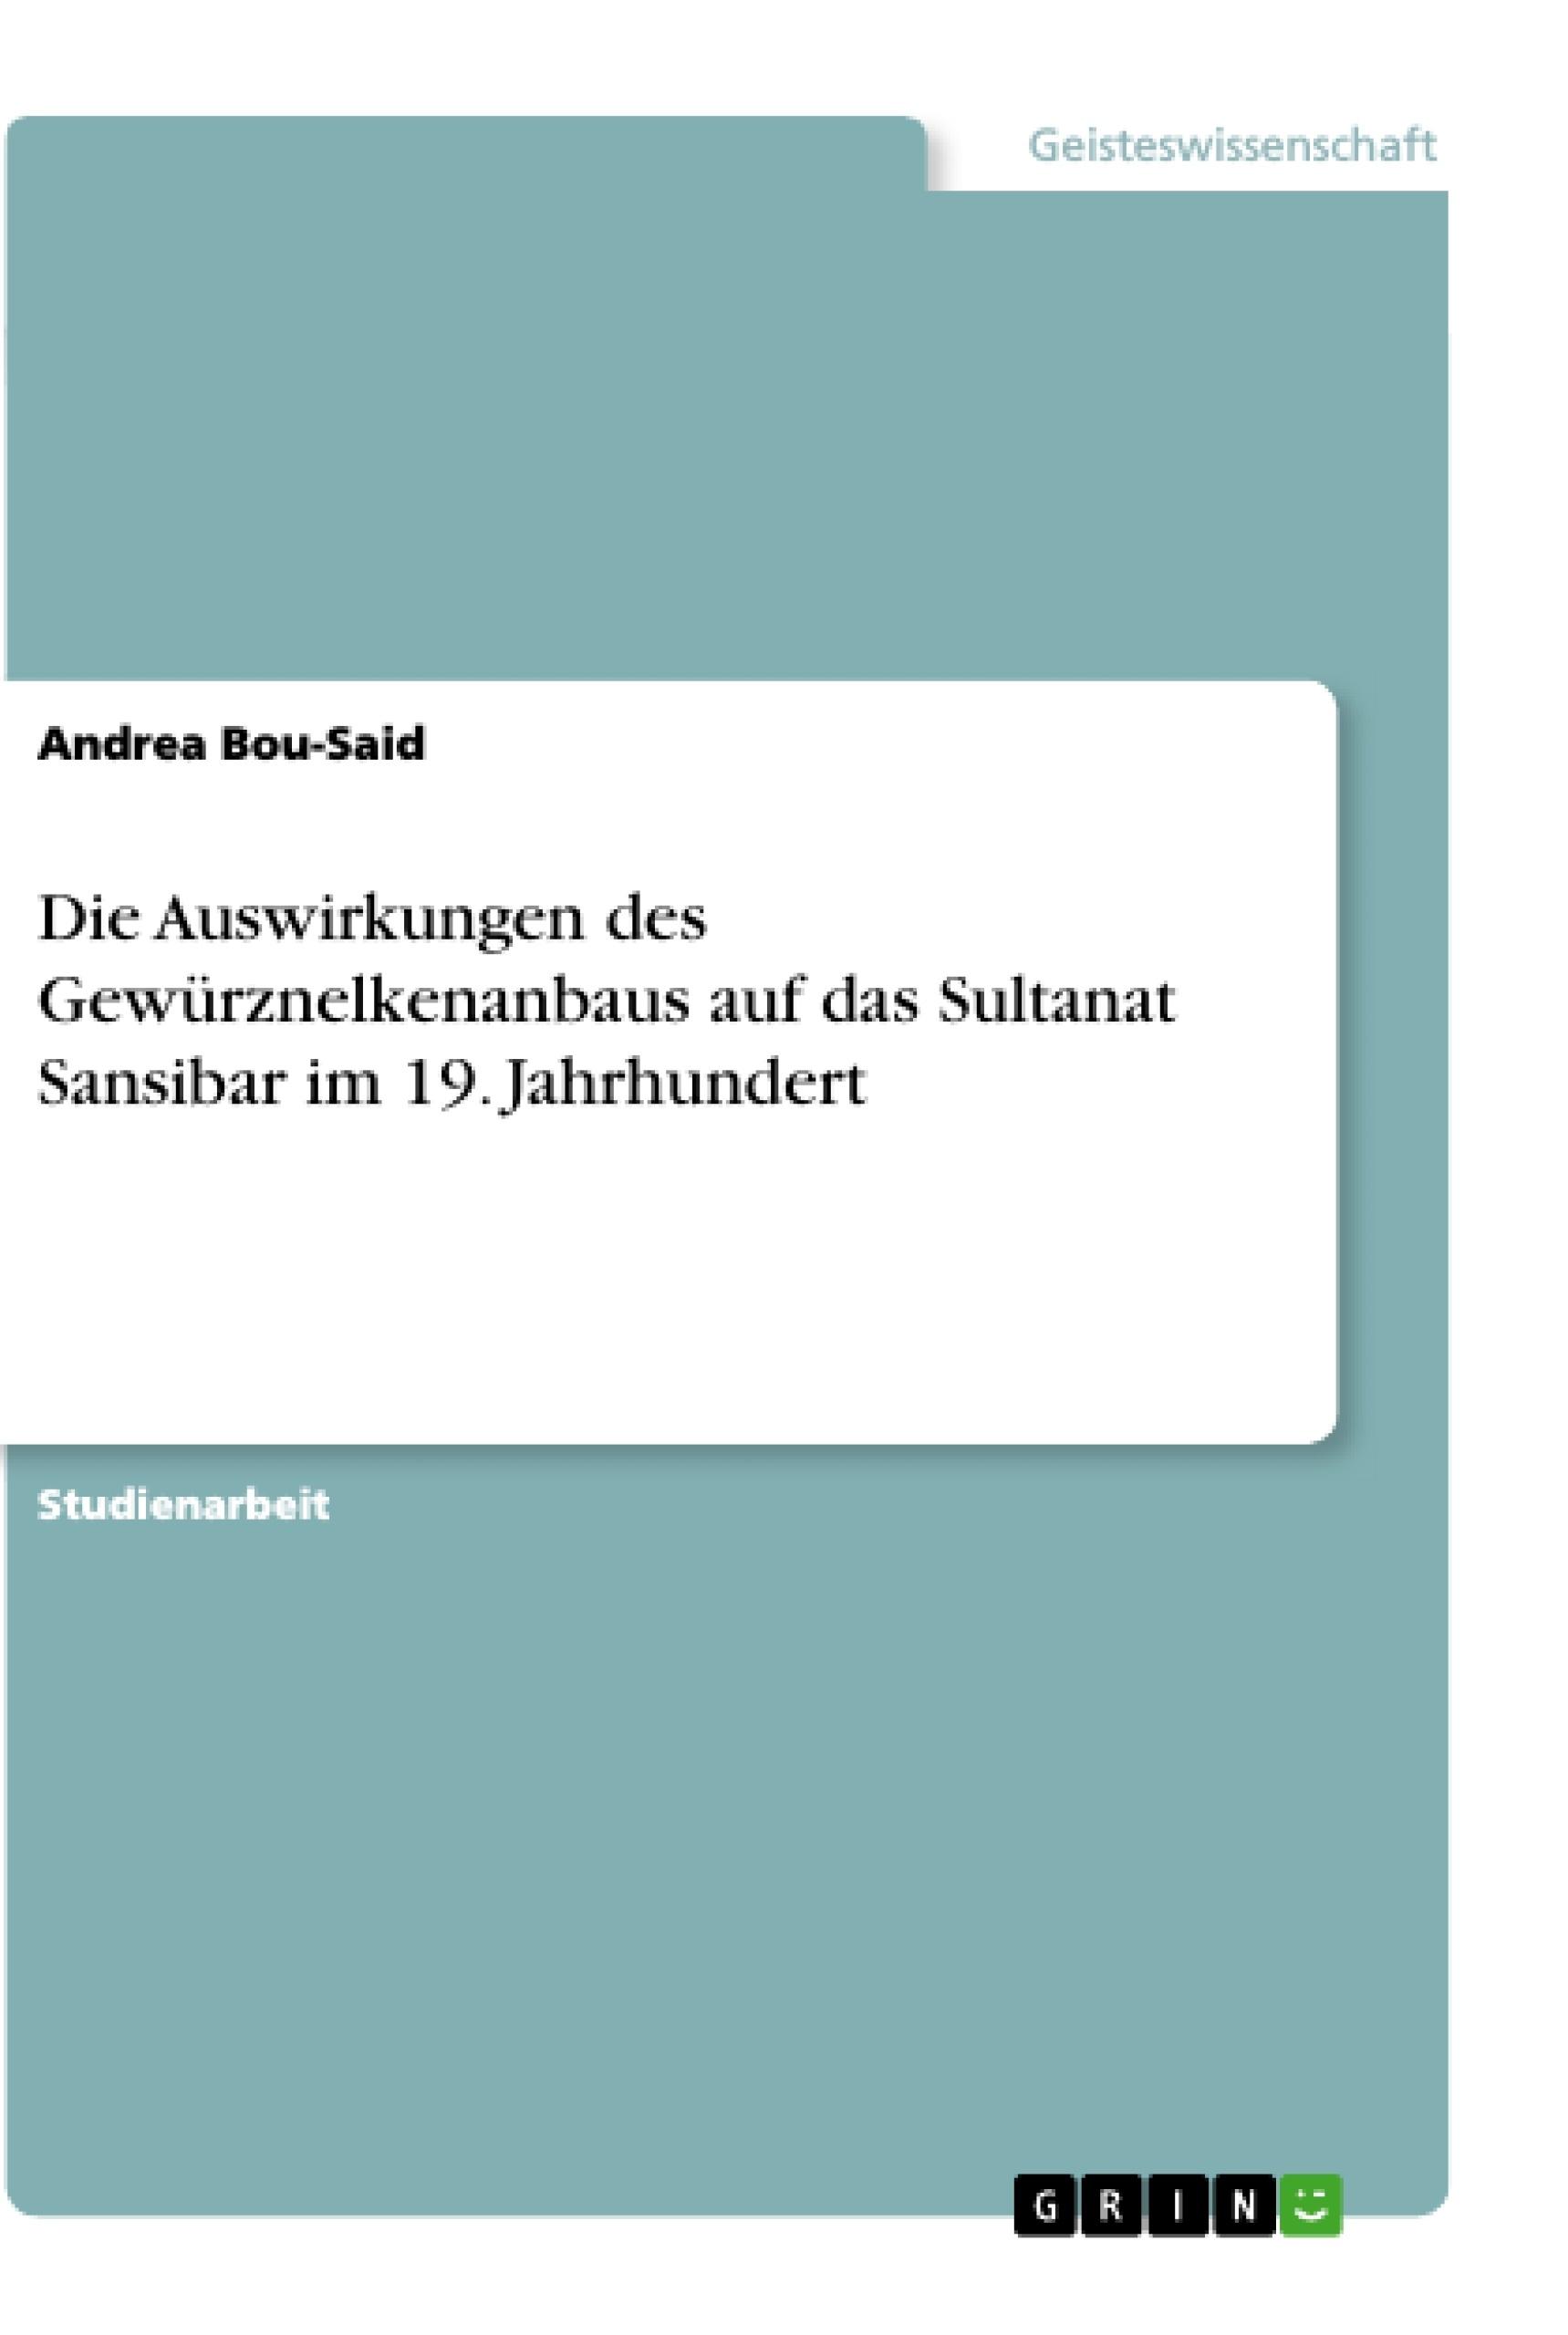 Titel: Die Auswirkungen des Gewürznelkenanbaus auf das Sultanat Sansibar im 19. Jahrhundert